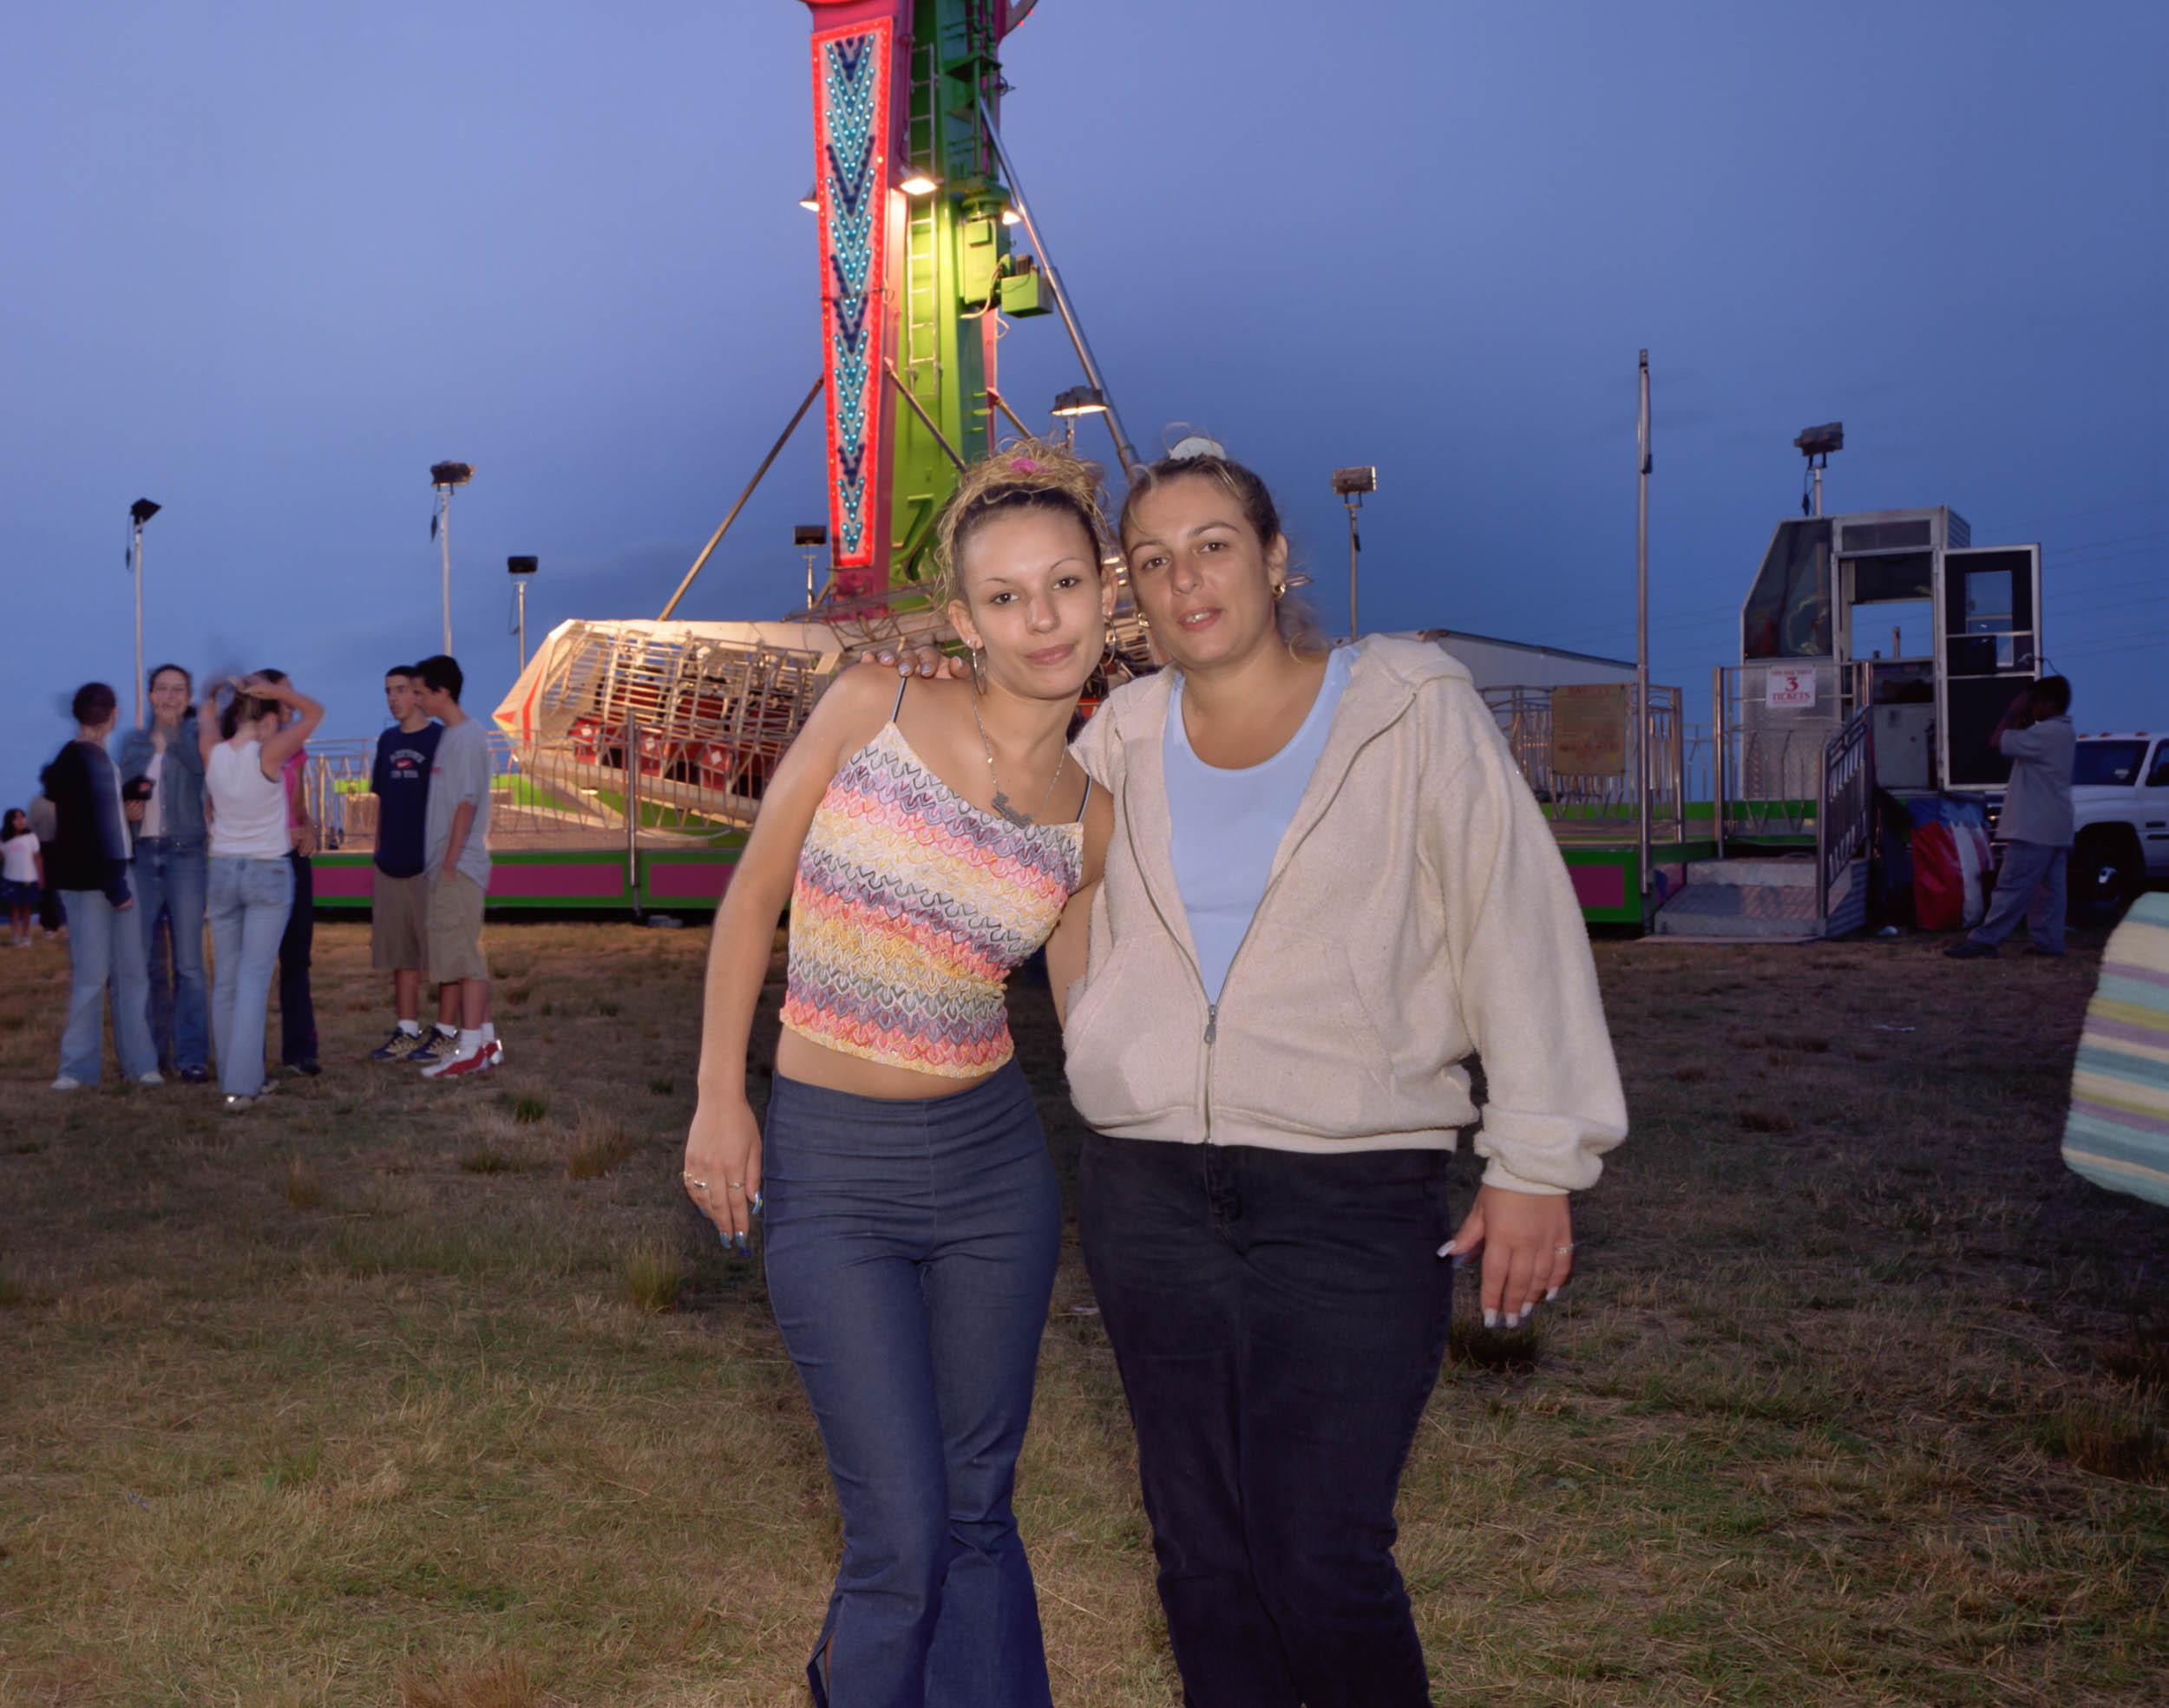 Carnival _MotherDaughte_001.1-Edit-2.jpg